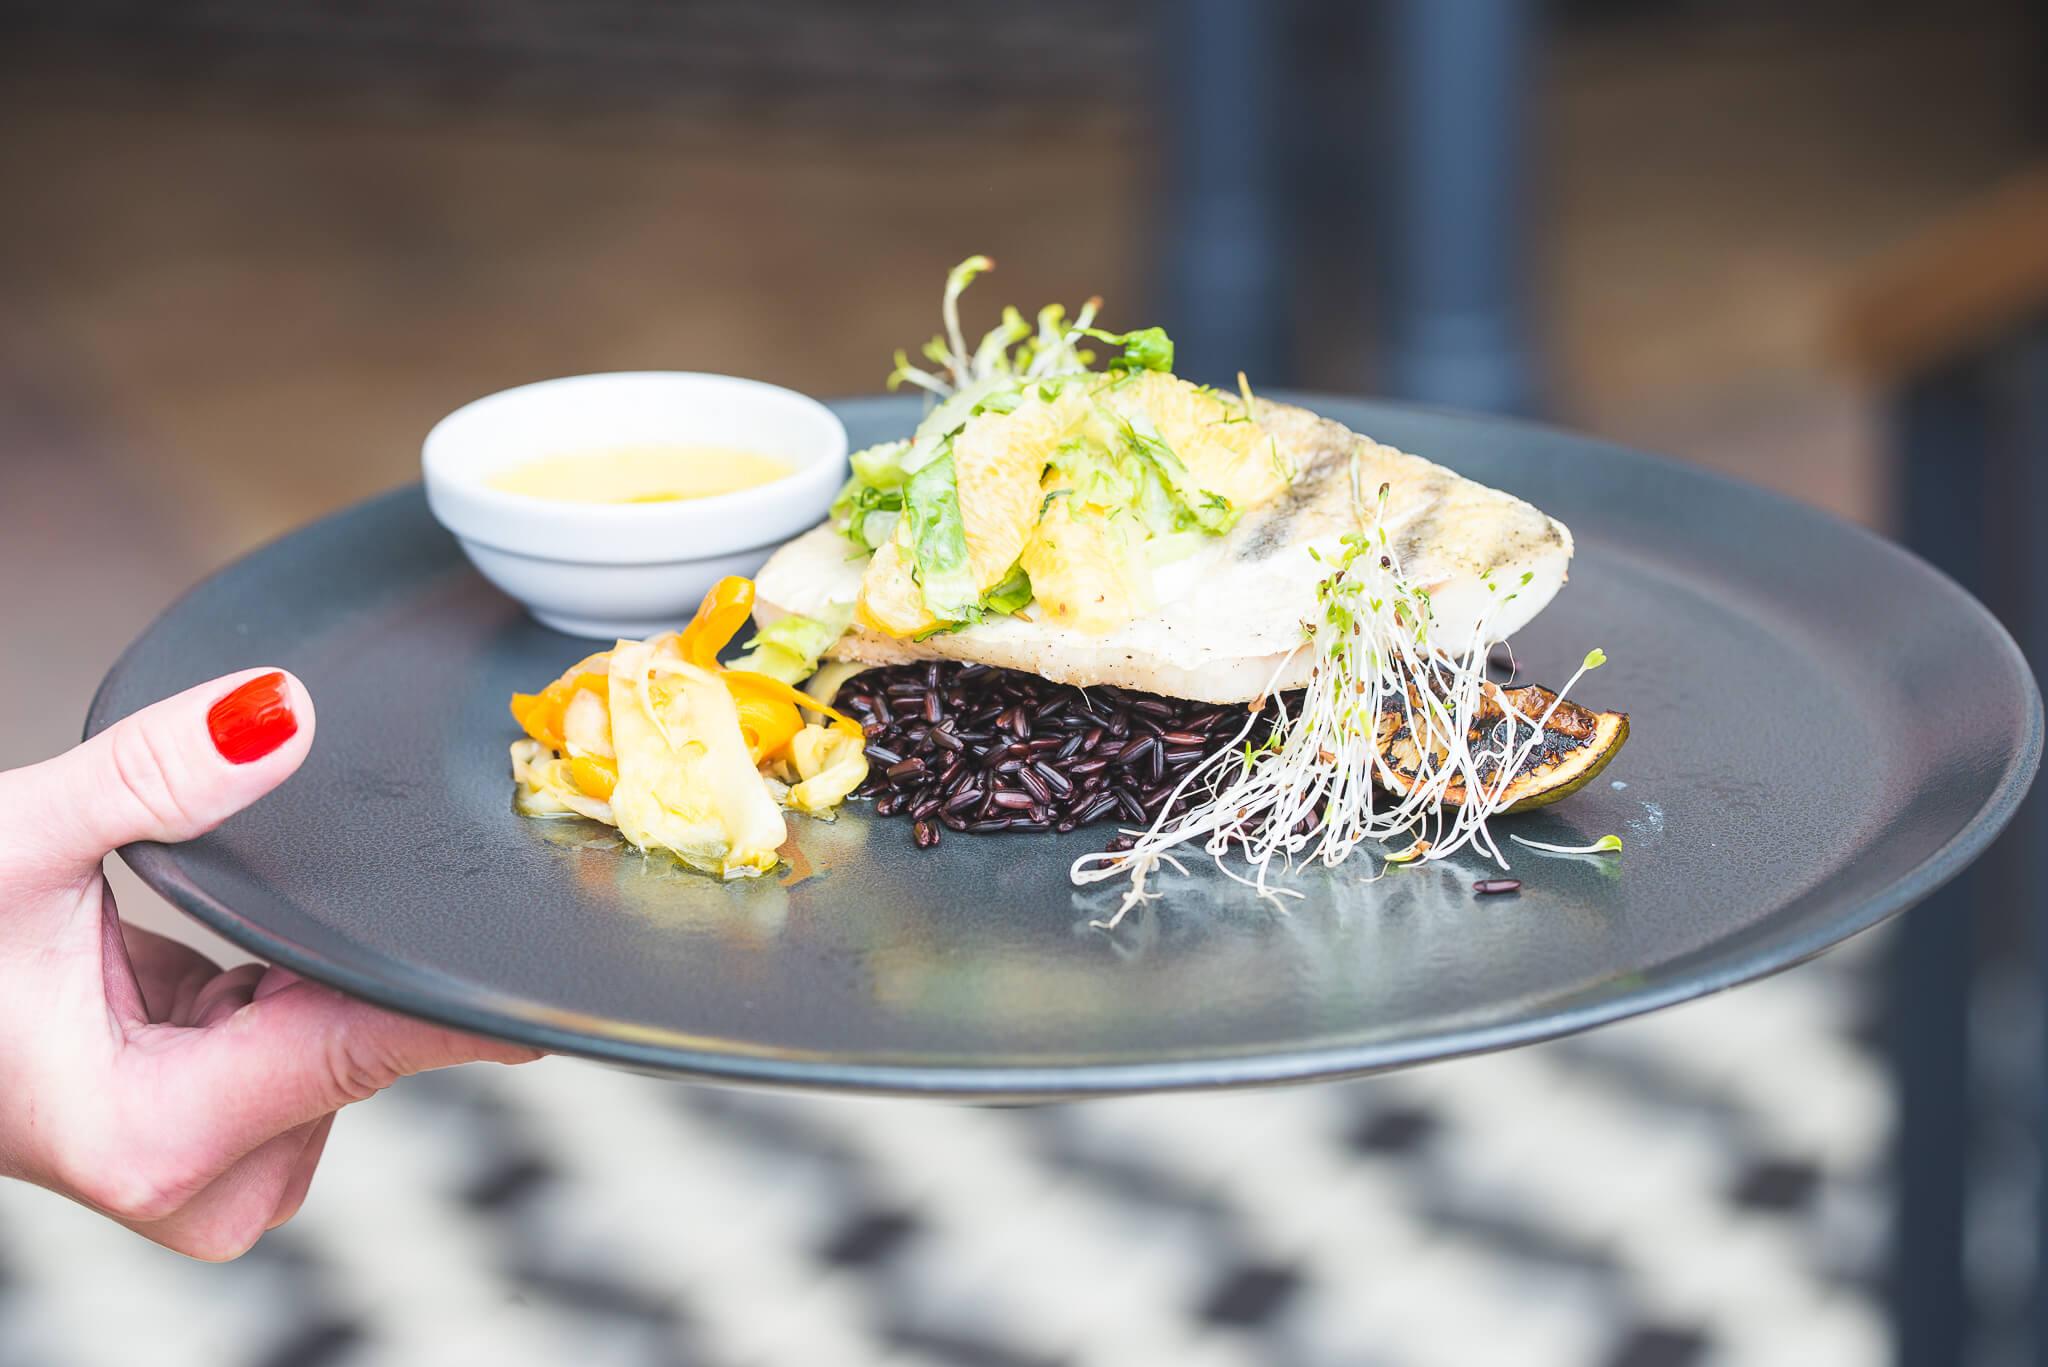 ryby słodkowodne 7 - Szlachetny sandacz w pomorskich restauracjach